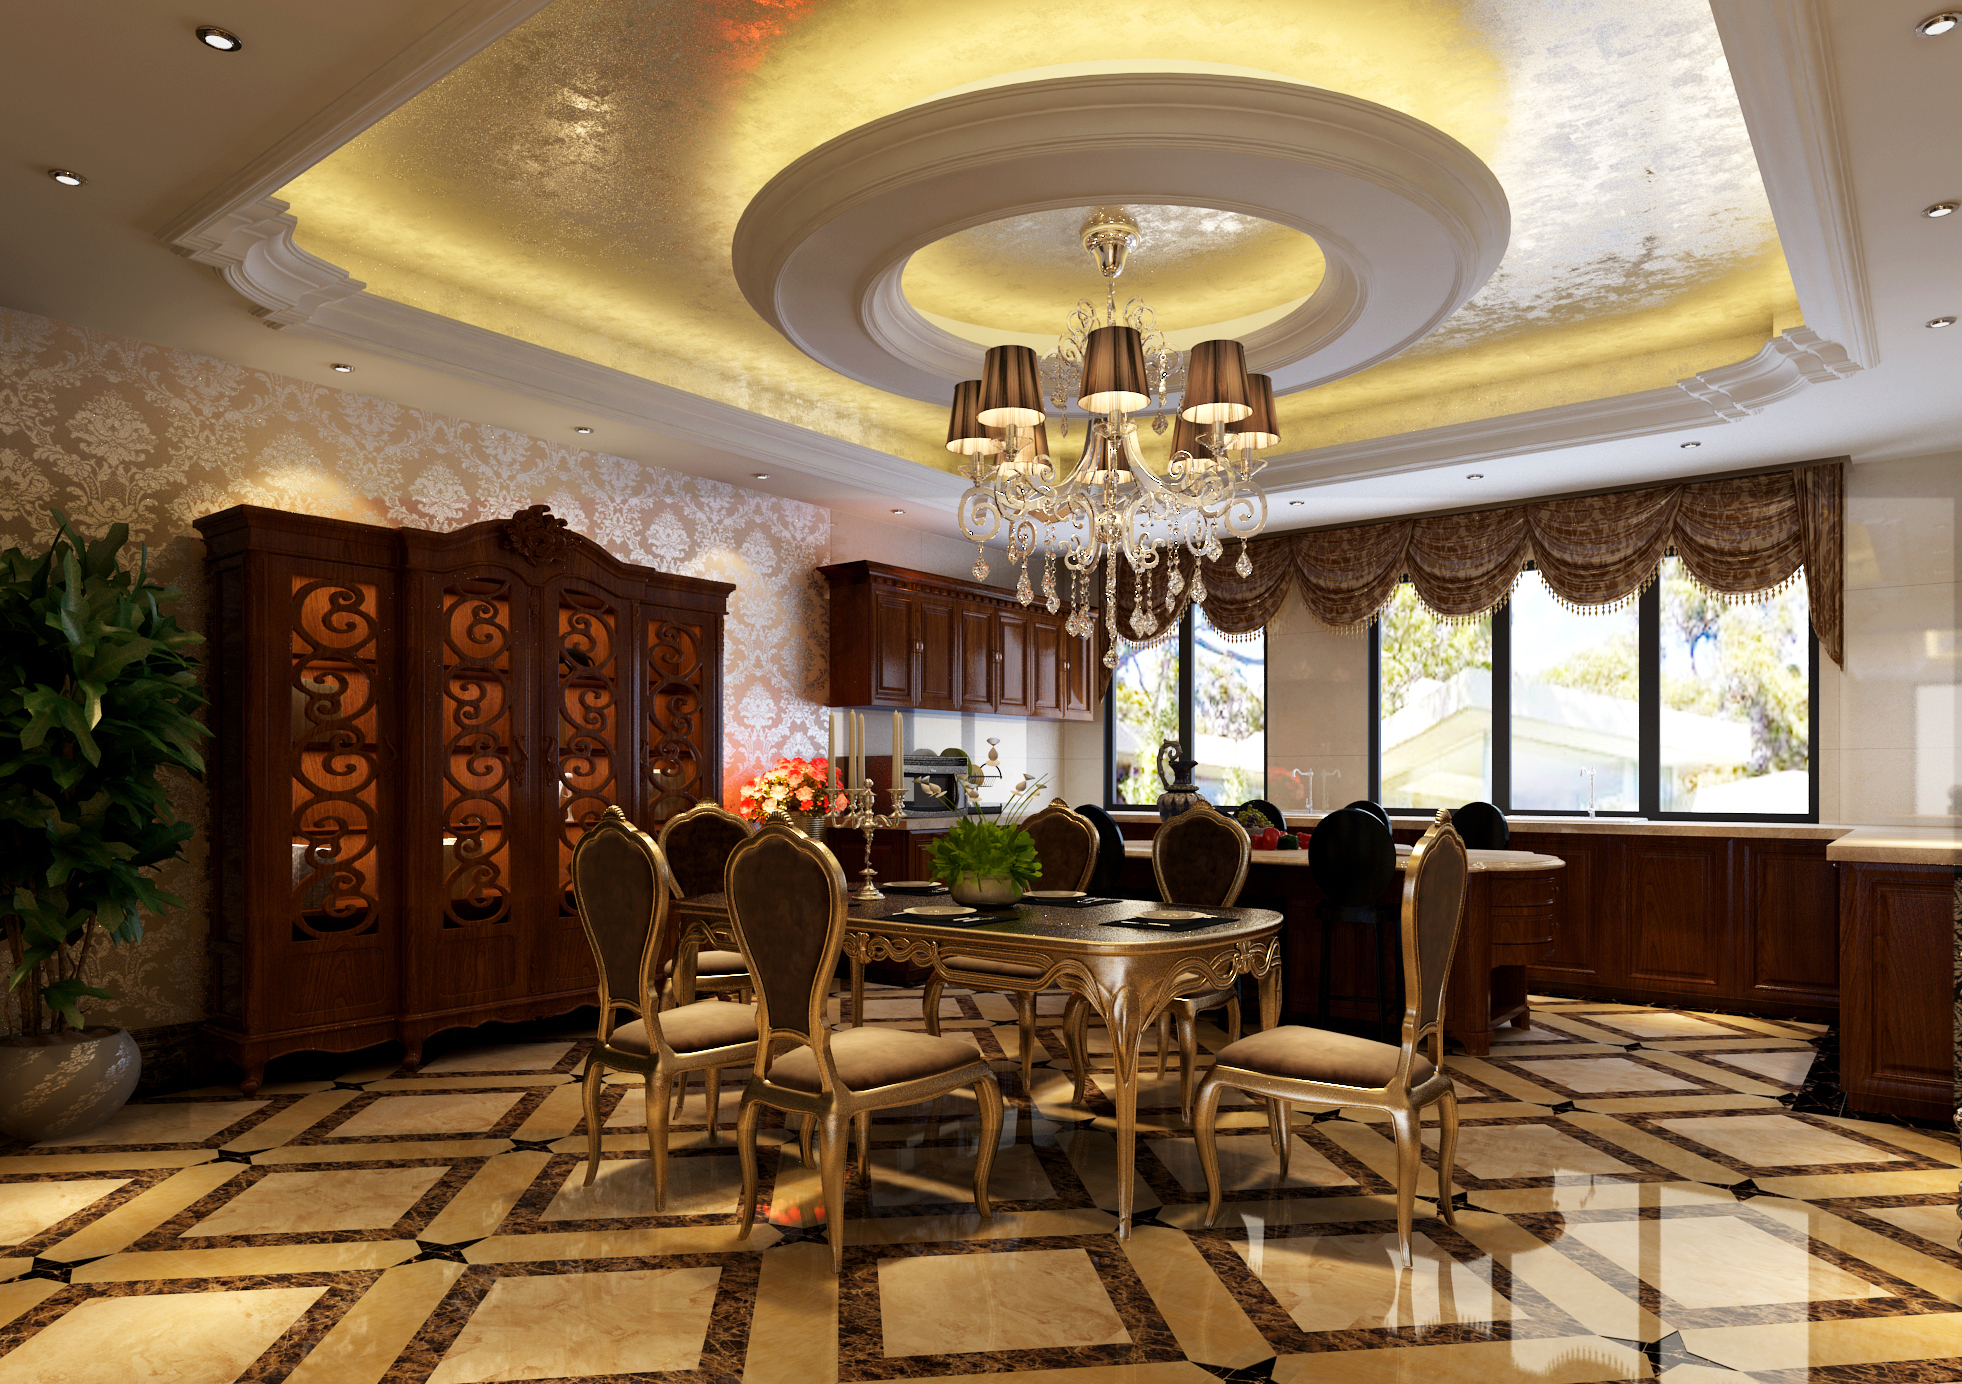 别墅 欧式 别墅设计 别墅装修 奢华 气质 餐厅图片来自高度国际装饰韩冰在玲珑塔欧式奢华缔造经典的分享